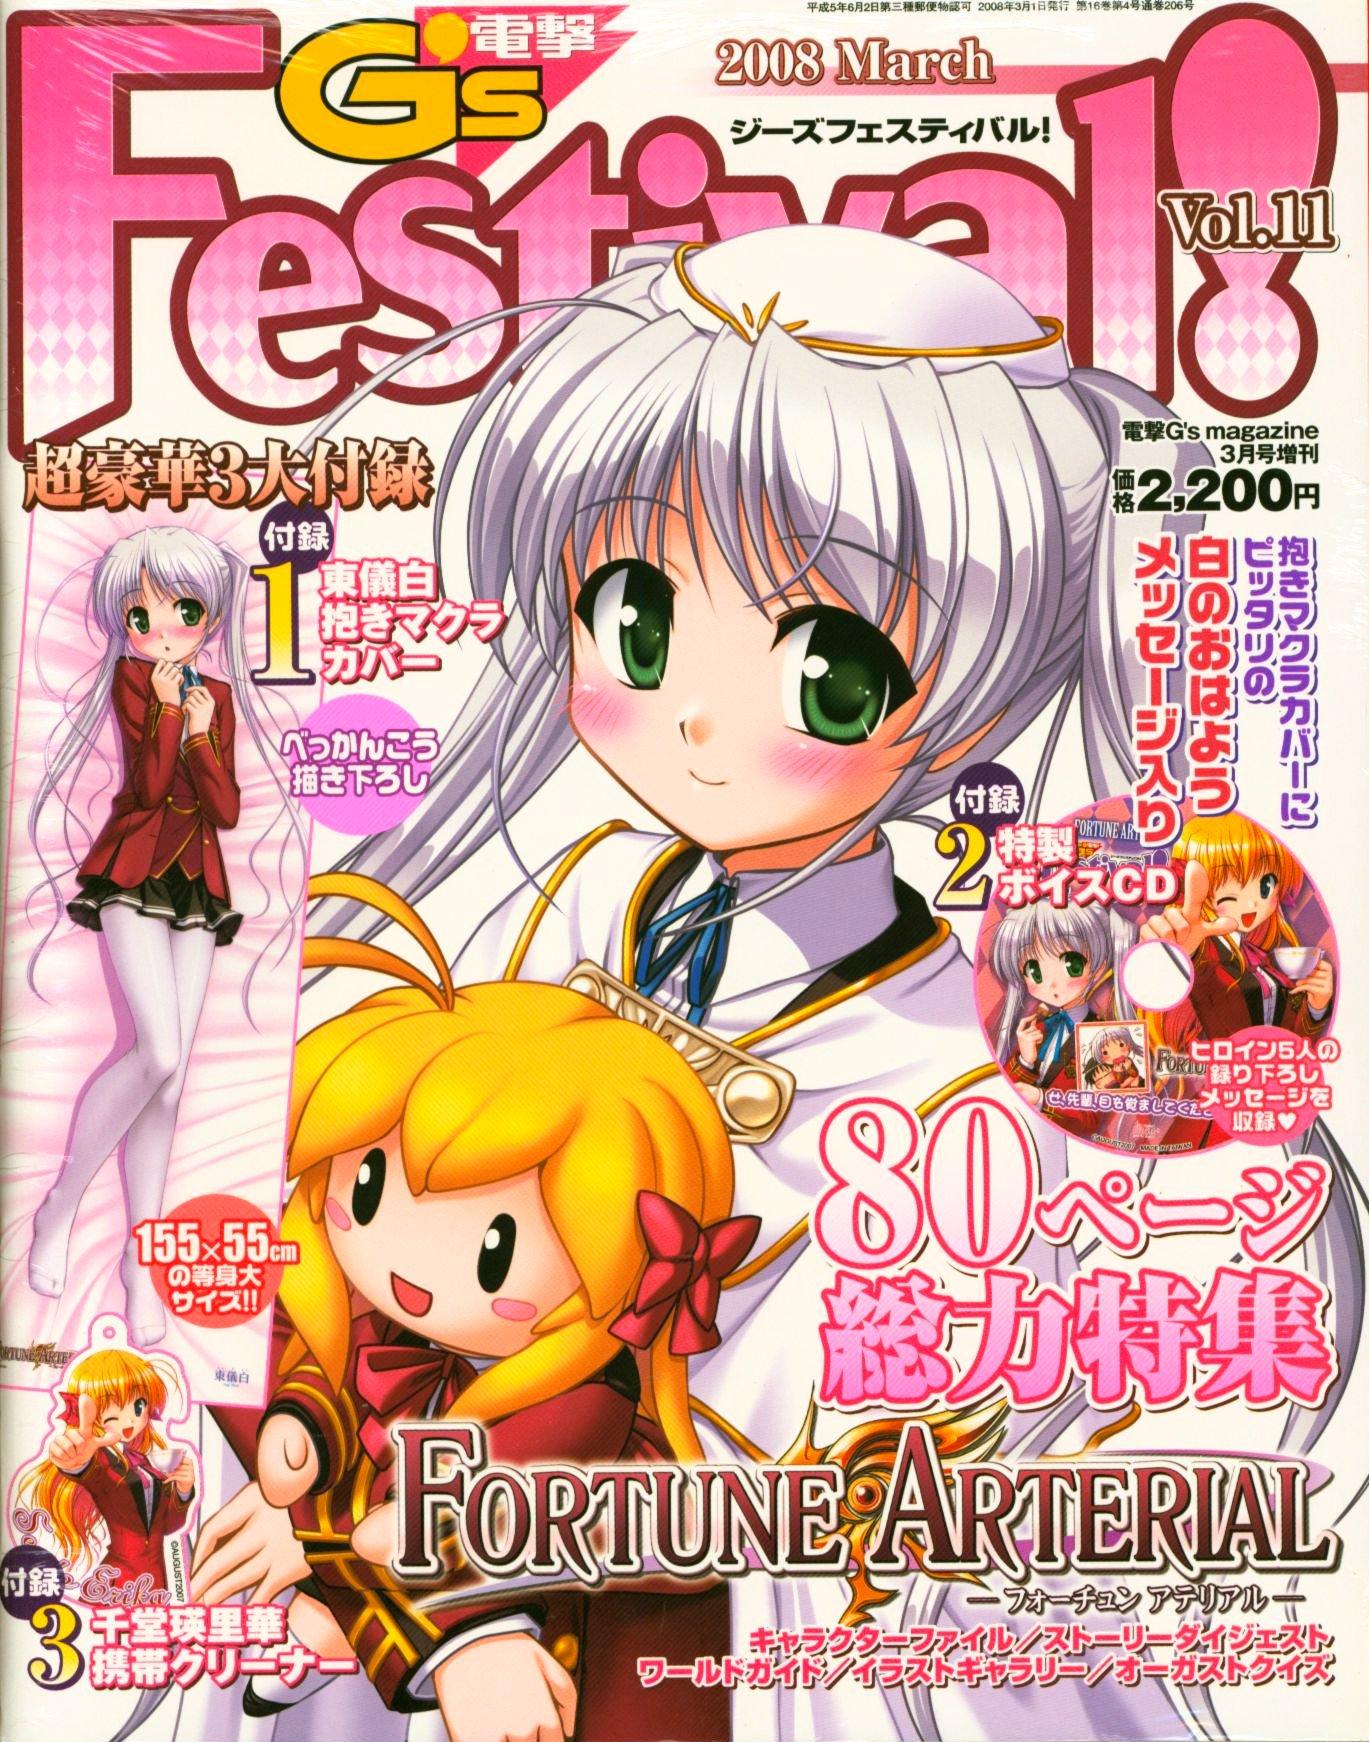 Dengeki G's Festival! vol.11 (March 2008)